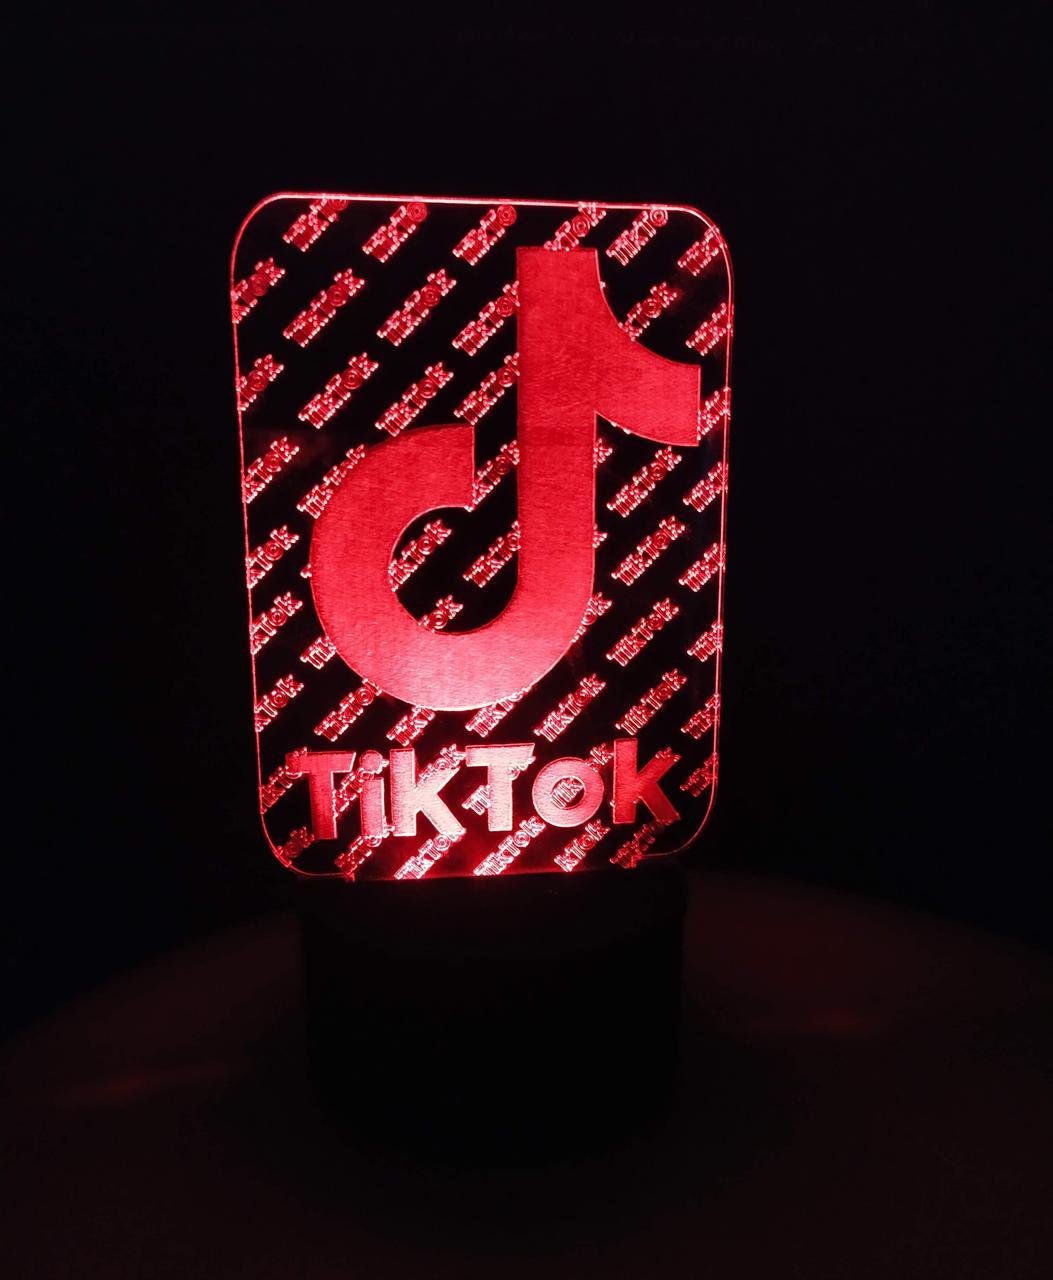 3d-світильник Tik Tok, Твк Струм, 3д-нічник, кілька підсвічувань (на батарейці)